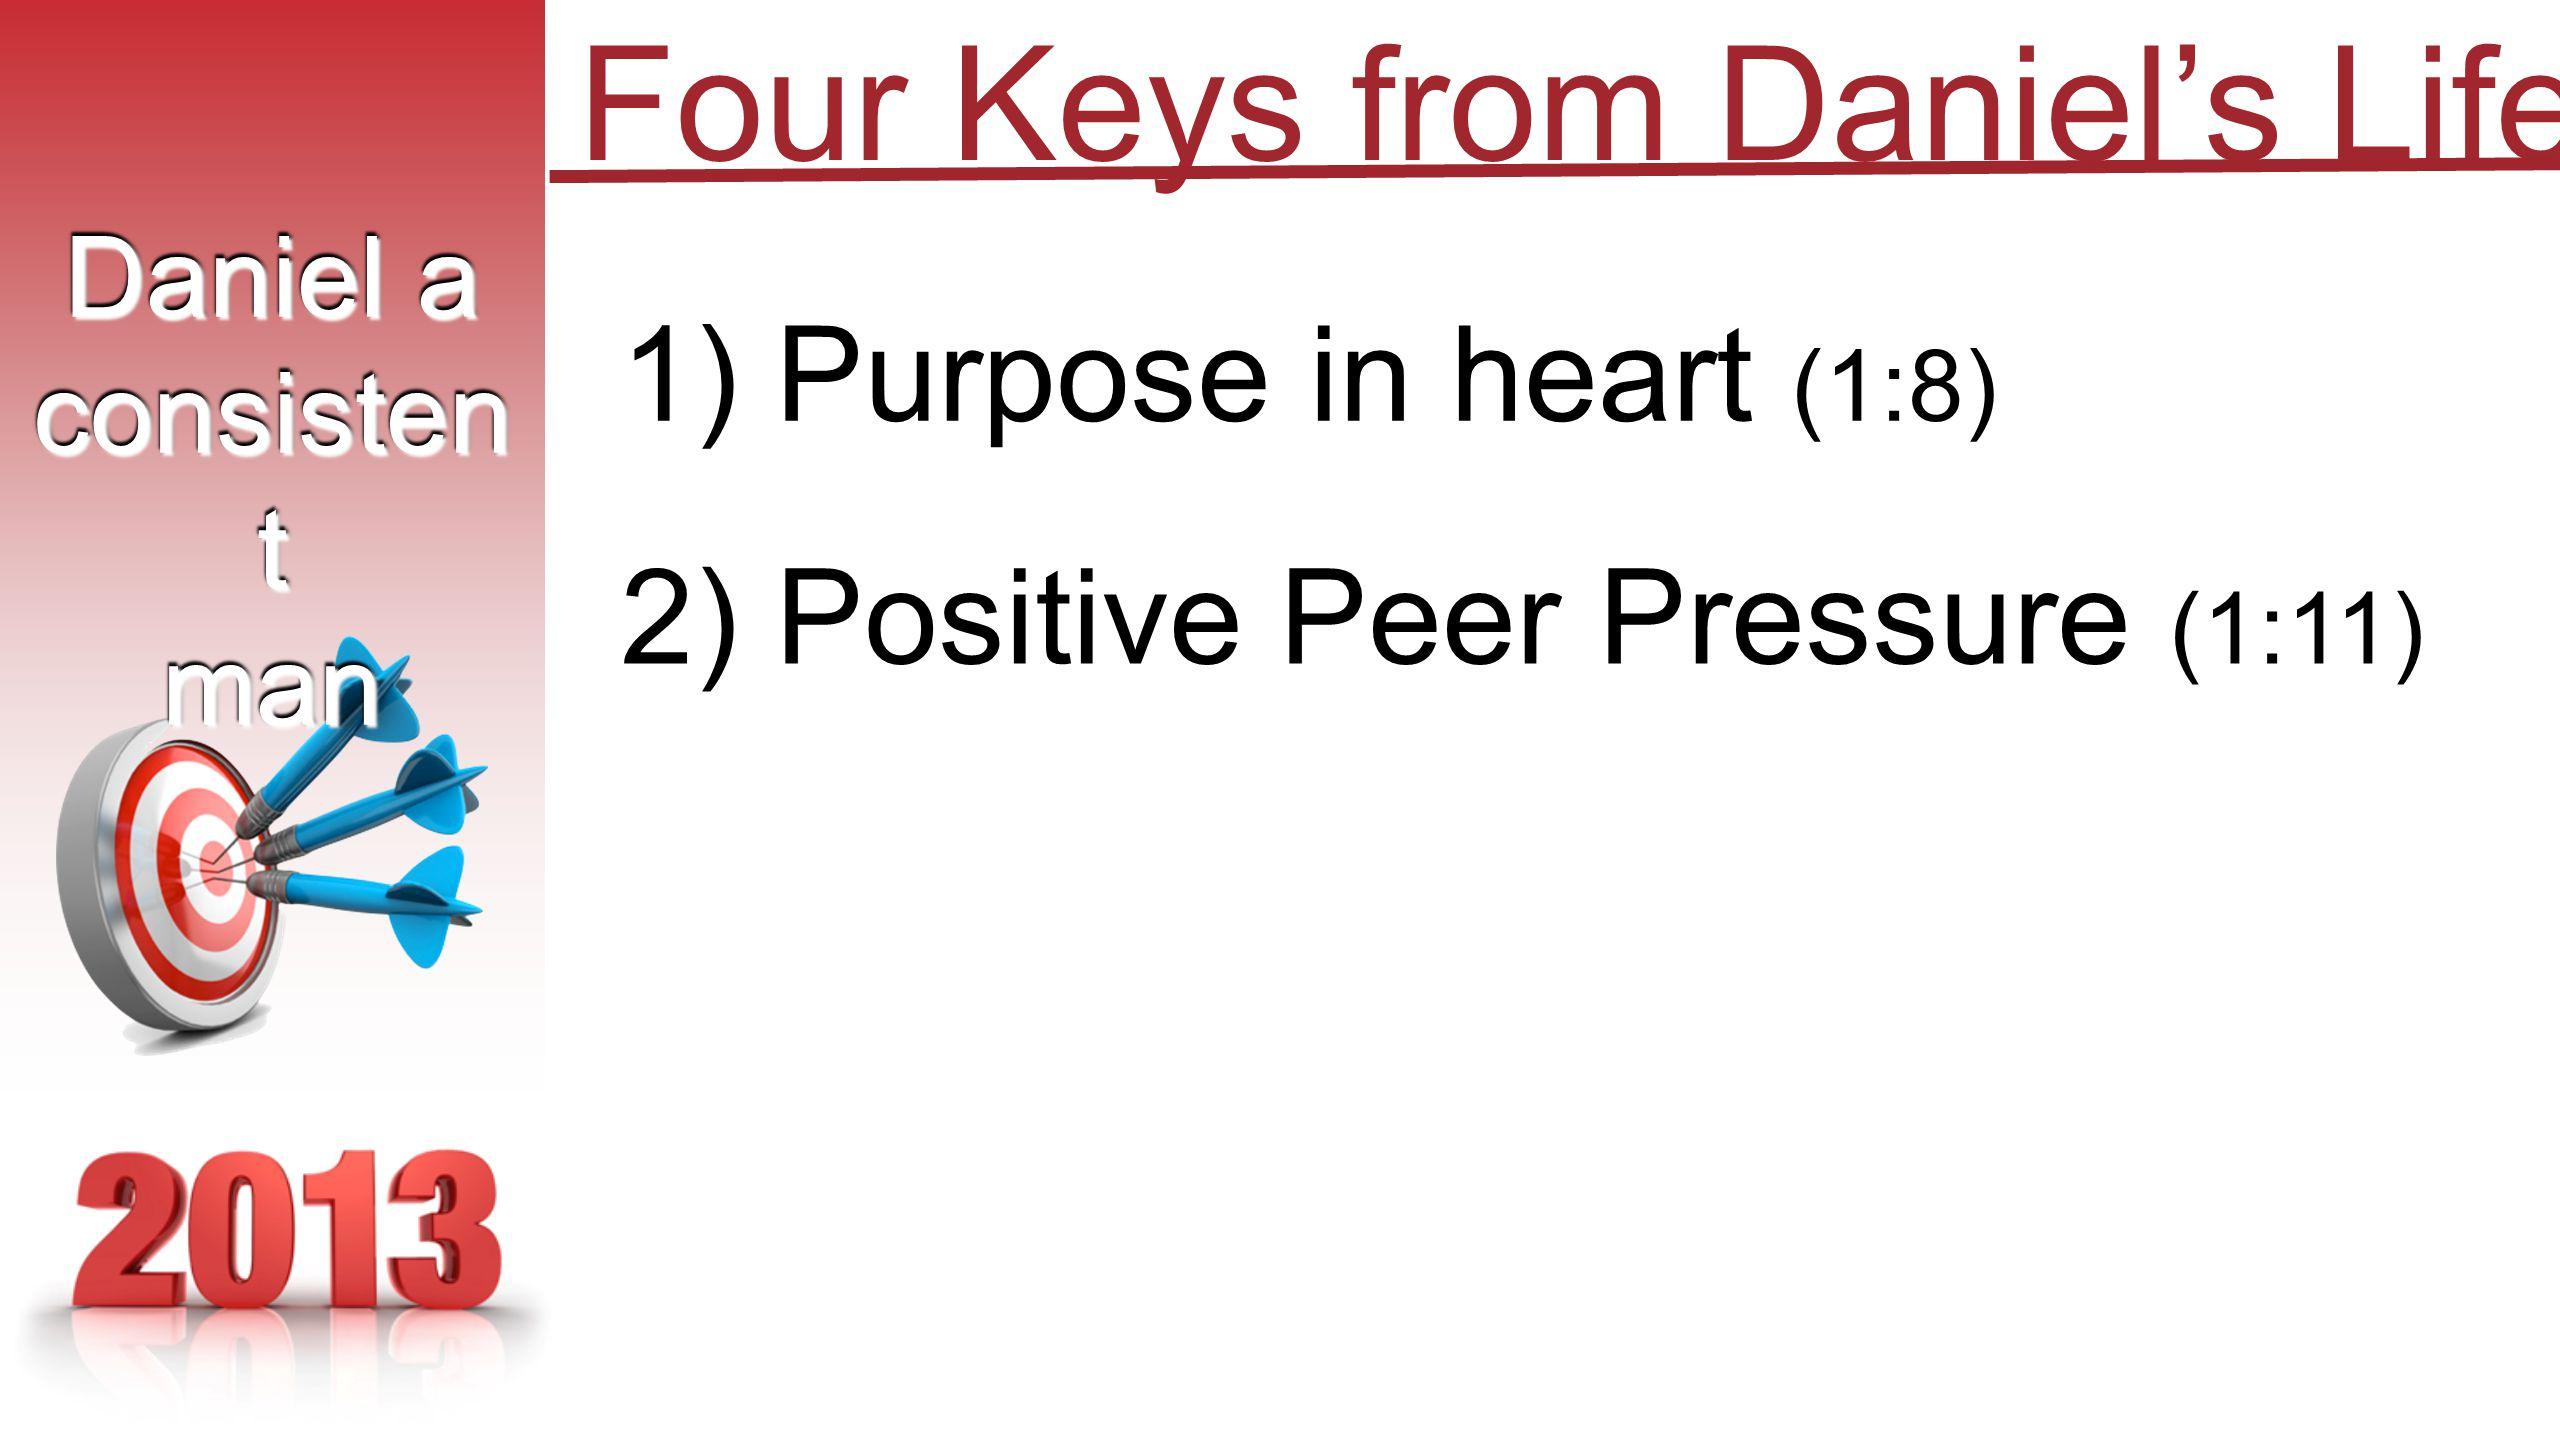 1) Purpose in heart (1:8) 2) Positive Peer Pressure (1:11) Daniel a consisten t man Daniel a consisten t man Four Keys from Daniel's Life